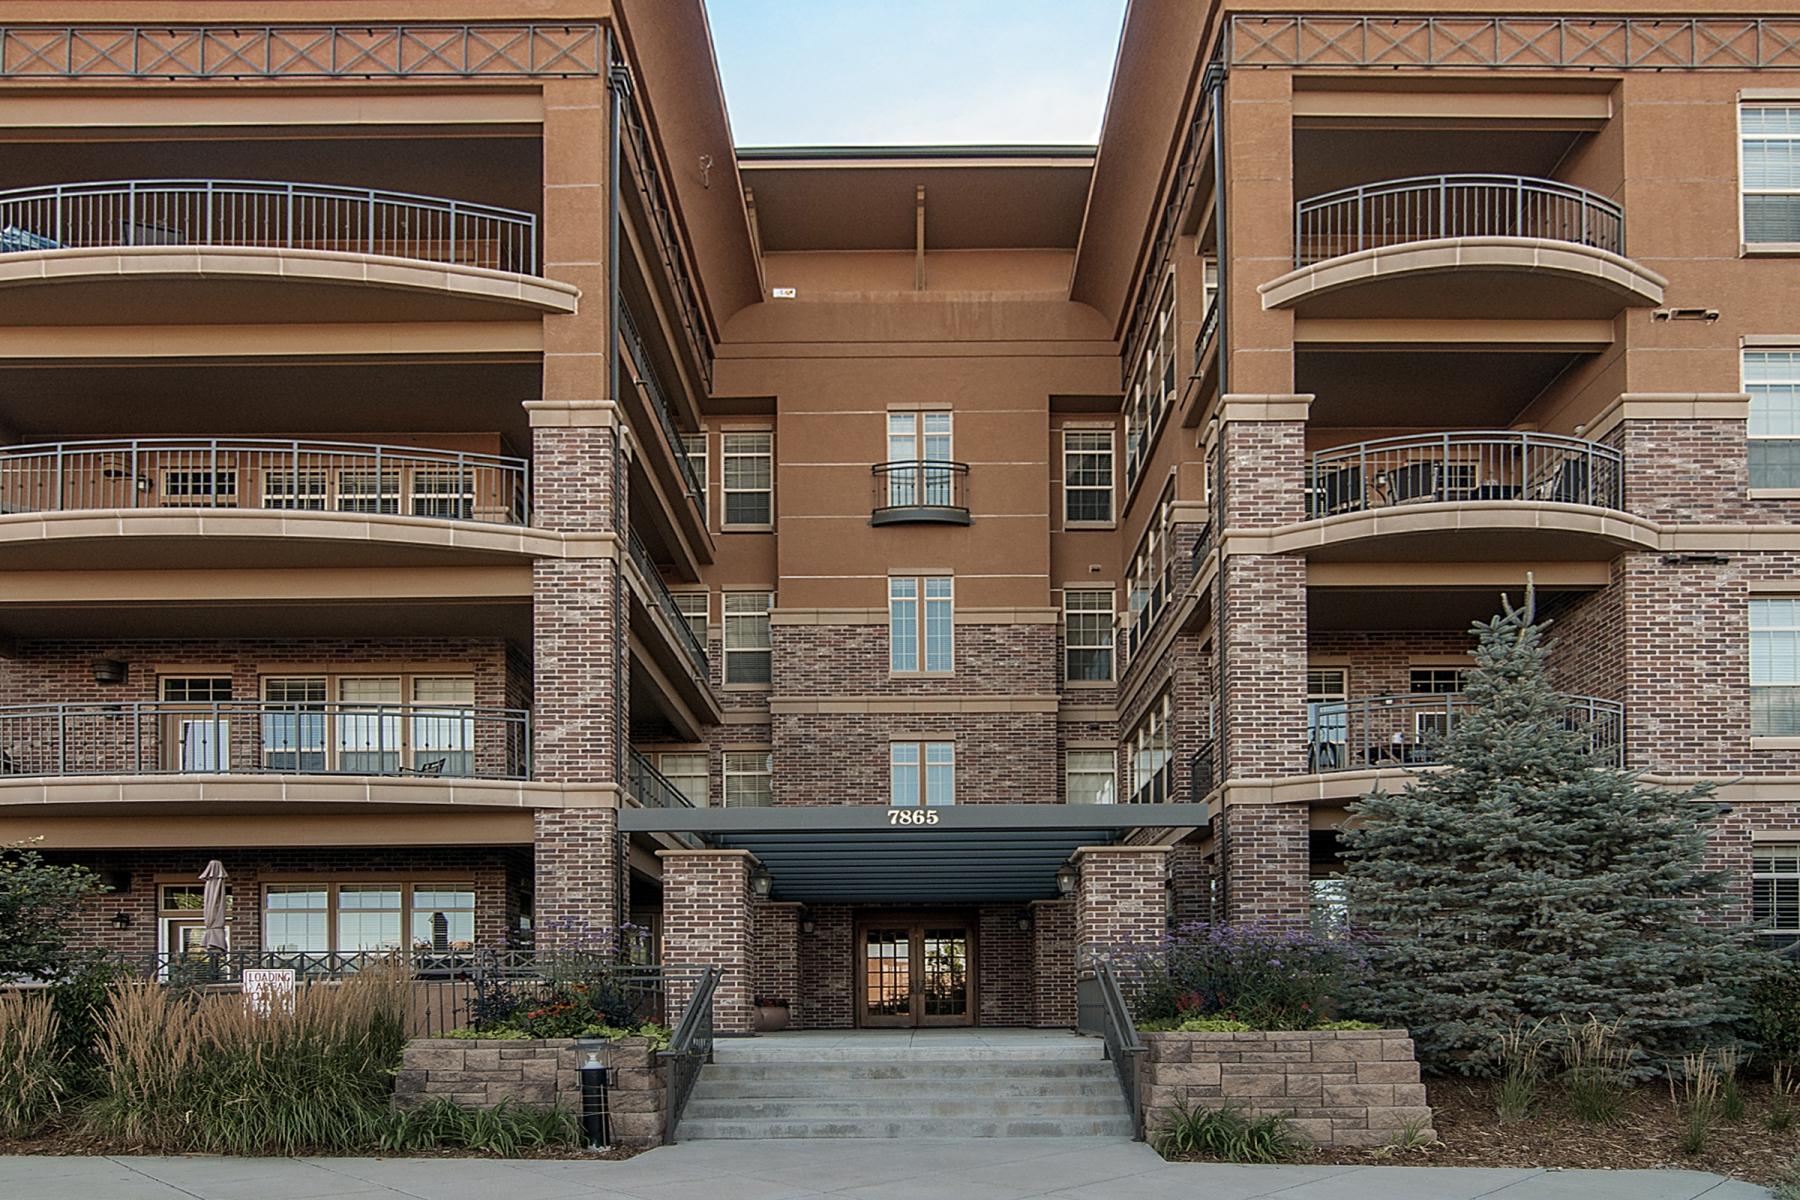 Condominium for Sale at Best building in Vallagio 7865 Vallagio Ln #404 Englewood, Colorado 80112 United States